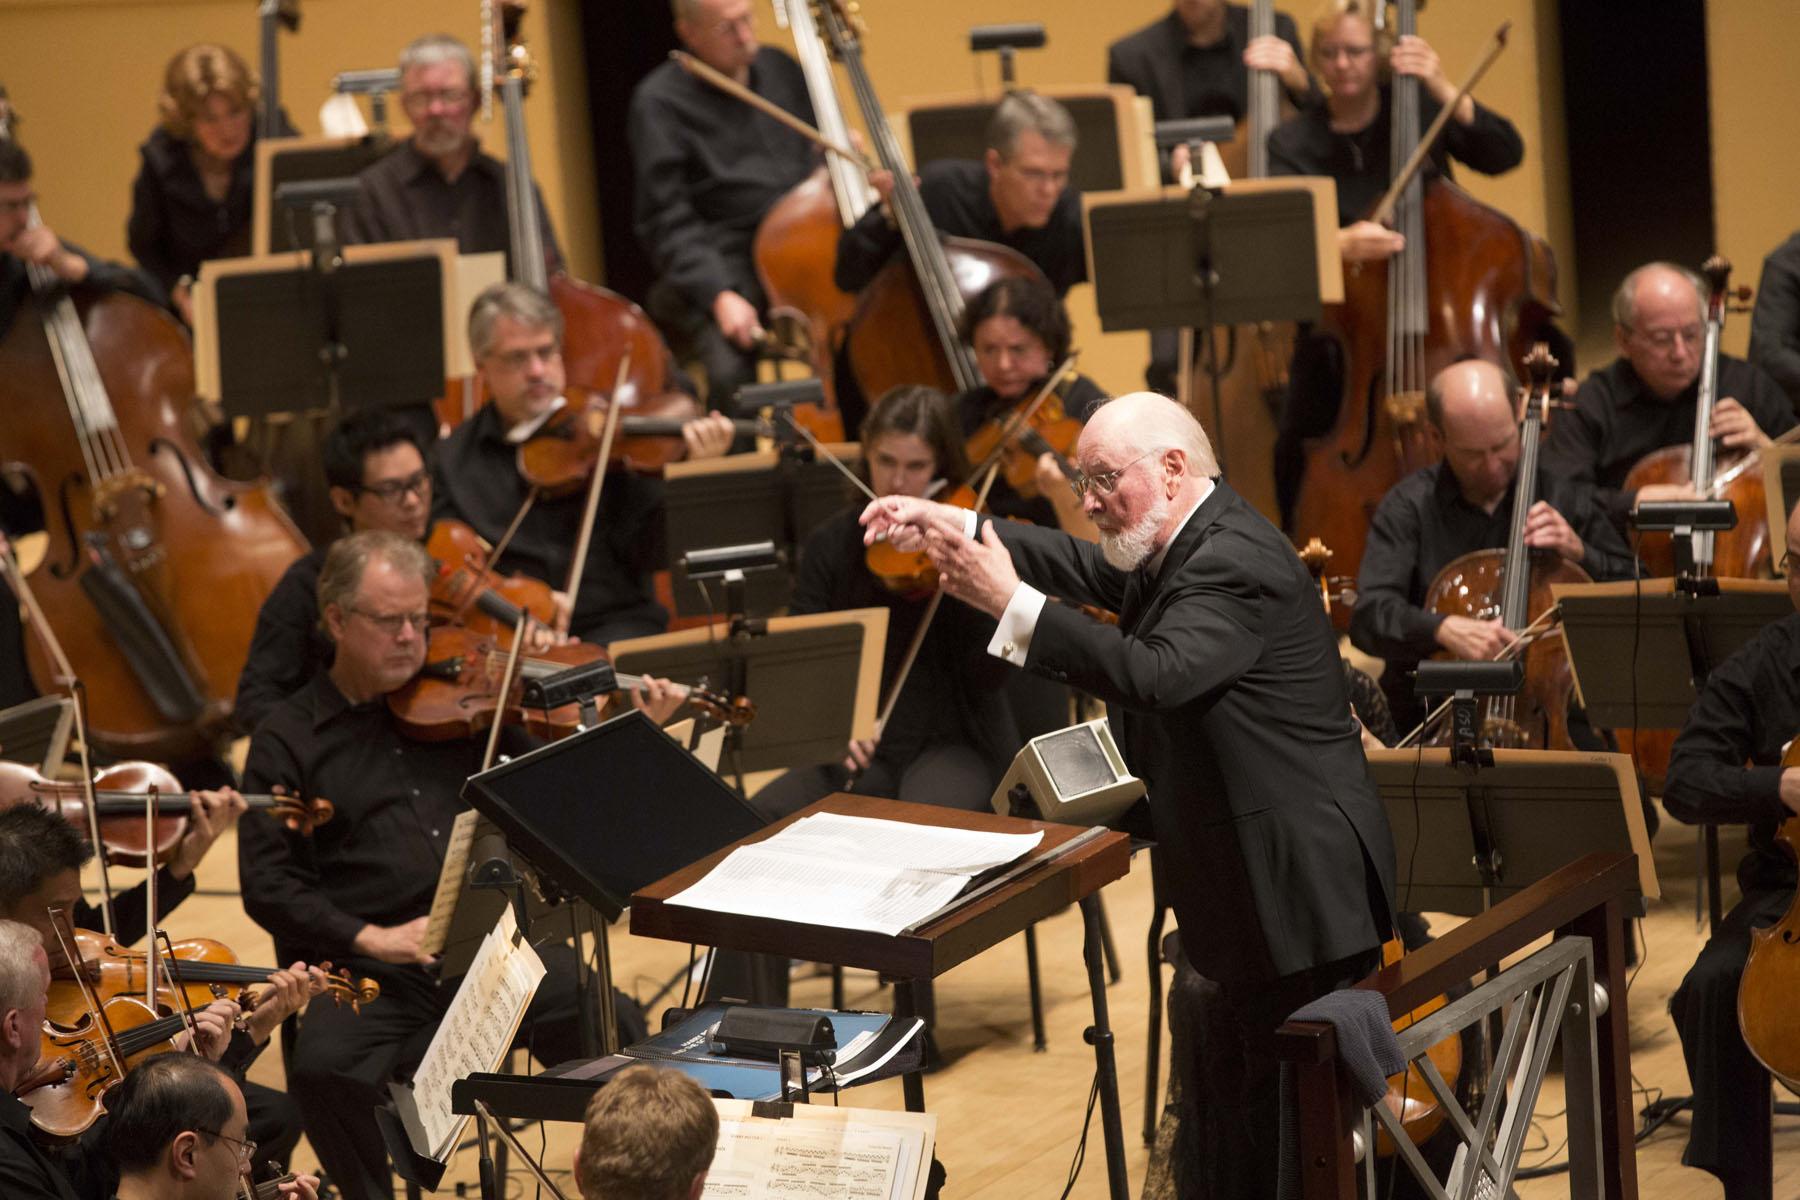 JW conducting